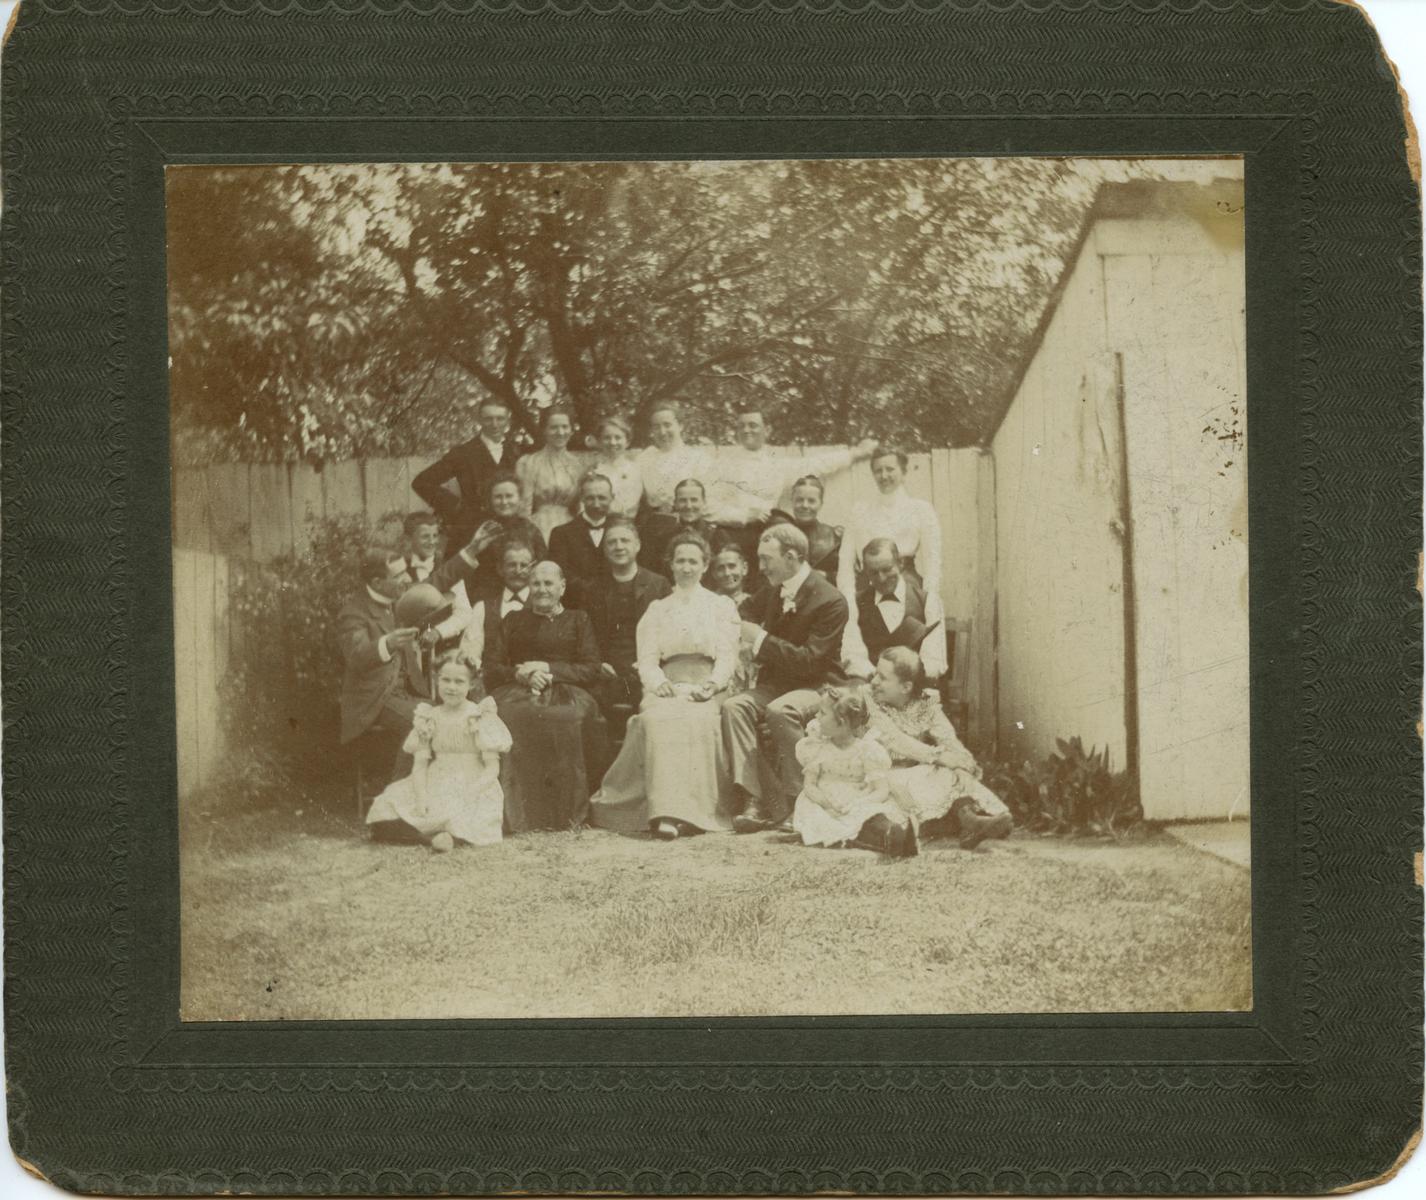 edward-lena-wedding-1900_large